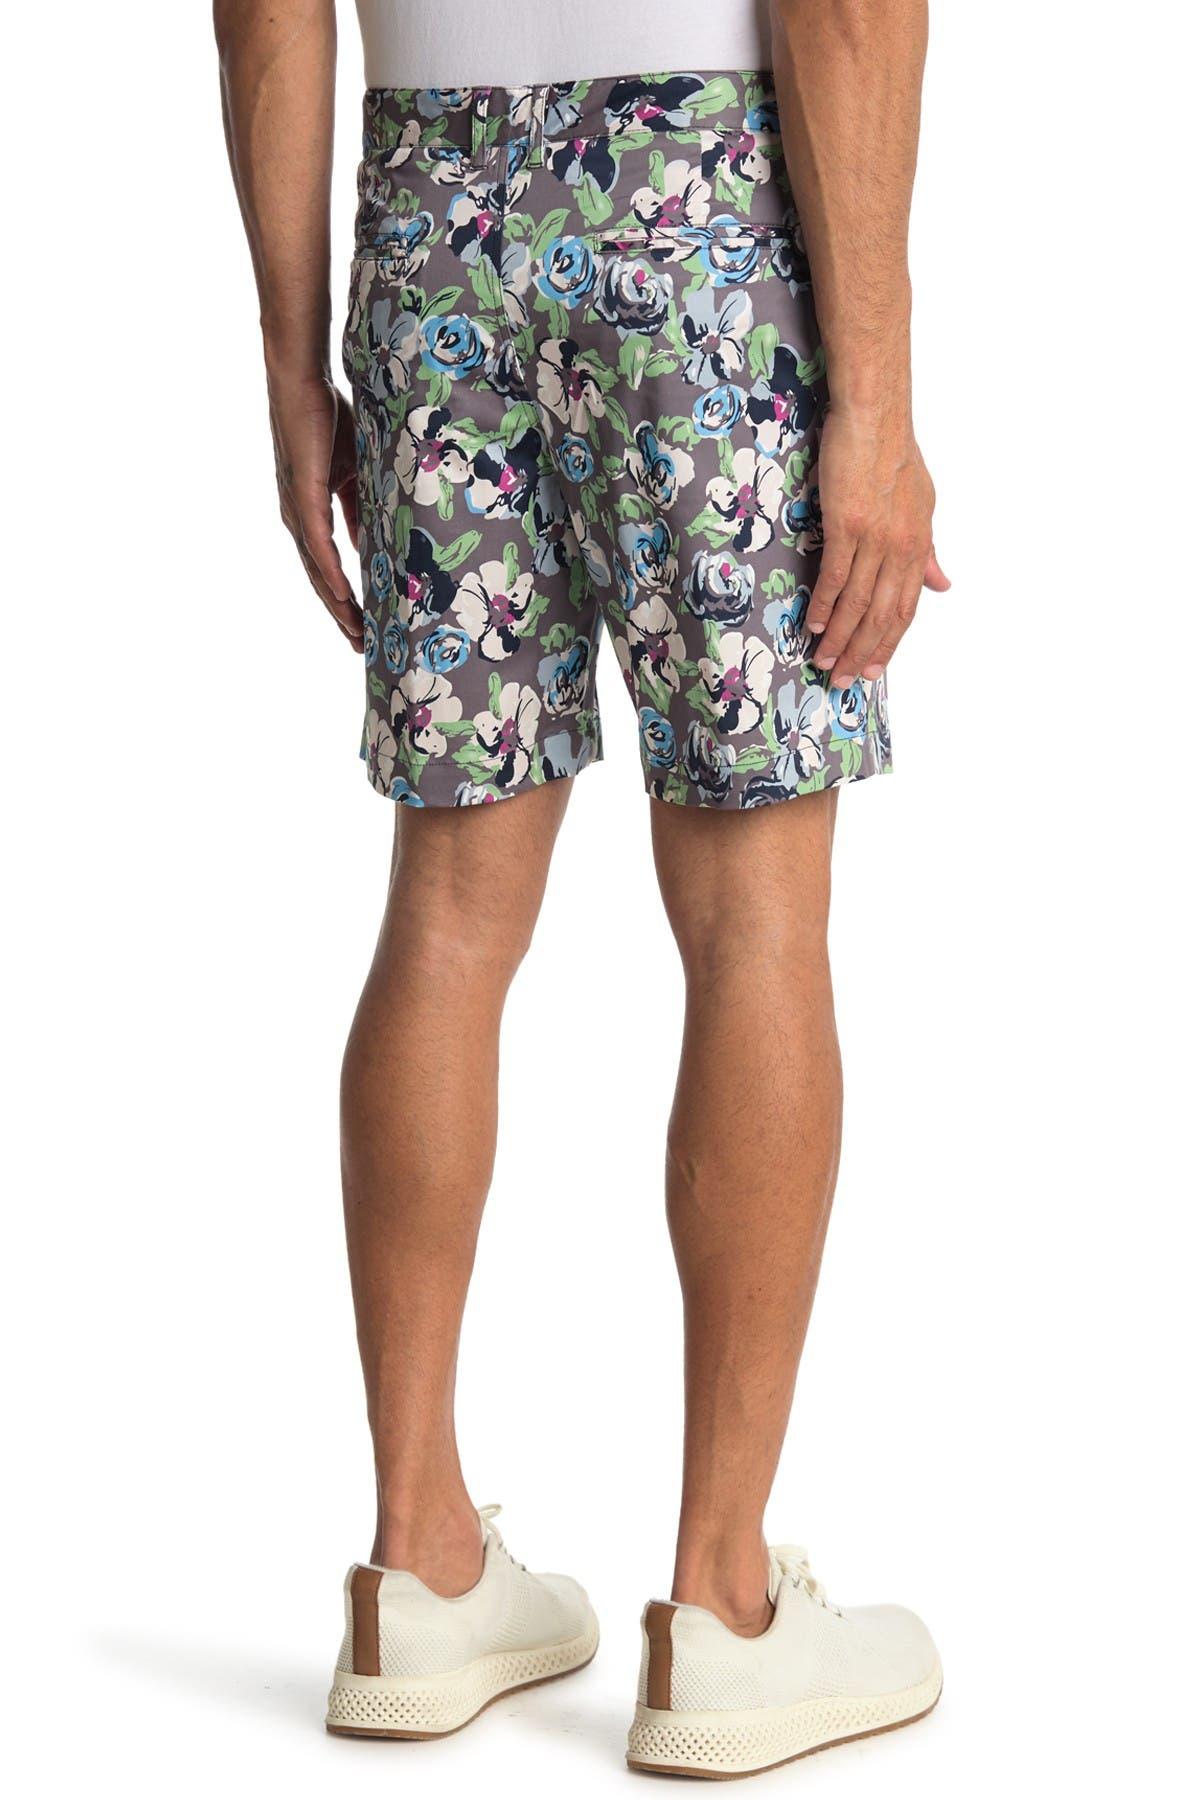 Image of IMPATIENT WOLVES Impatient Floral Walk Shorts